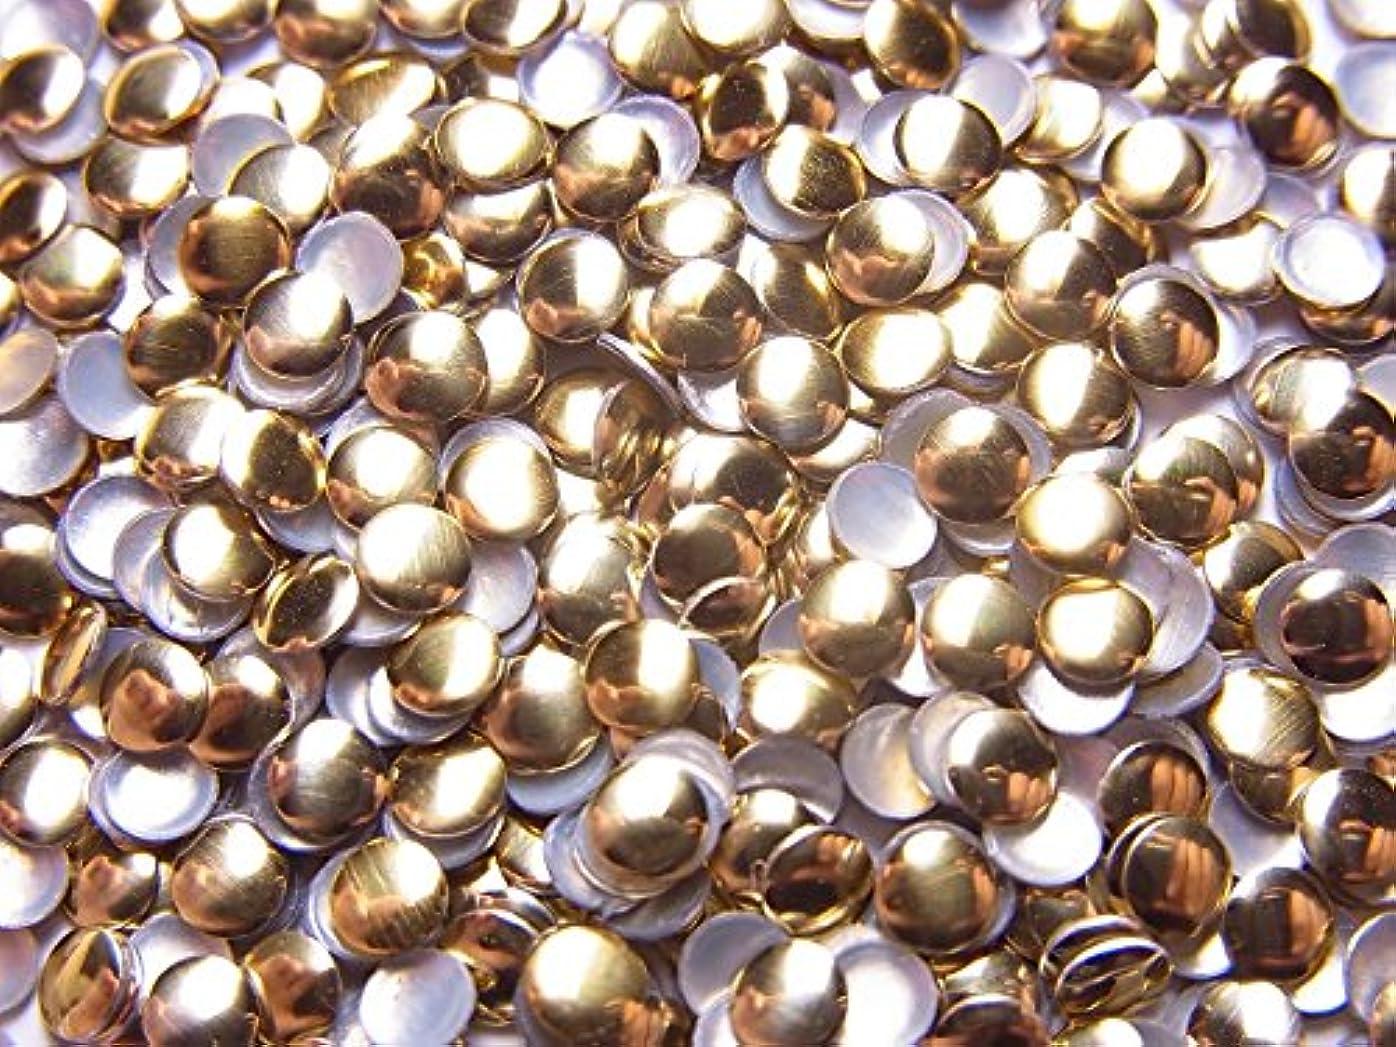 むちゃくちゃテクトニック同種の【jewel】メタルスタッズ 多種類 ゴールドorシルバー 各サイズ 選択可能 (丸(ラウンド) 3mm, ゴールド)